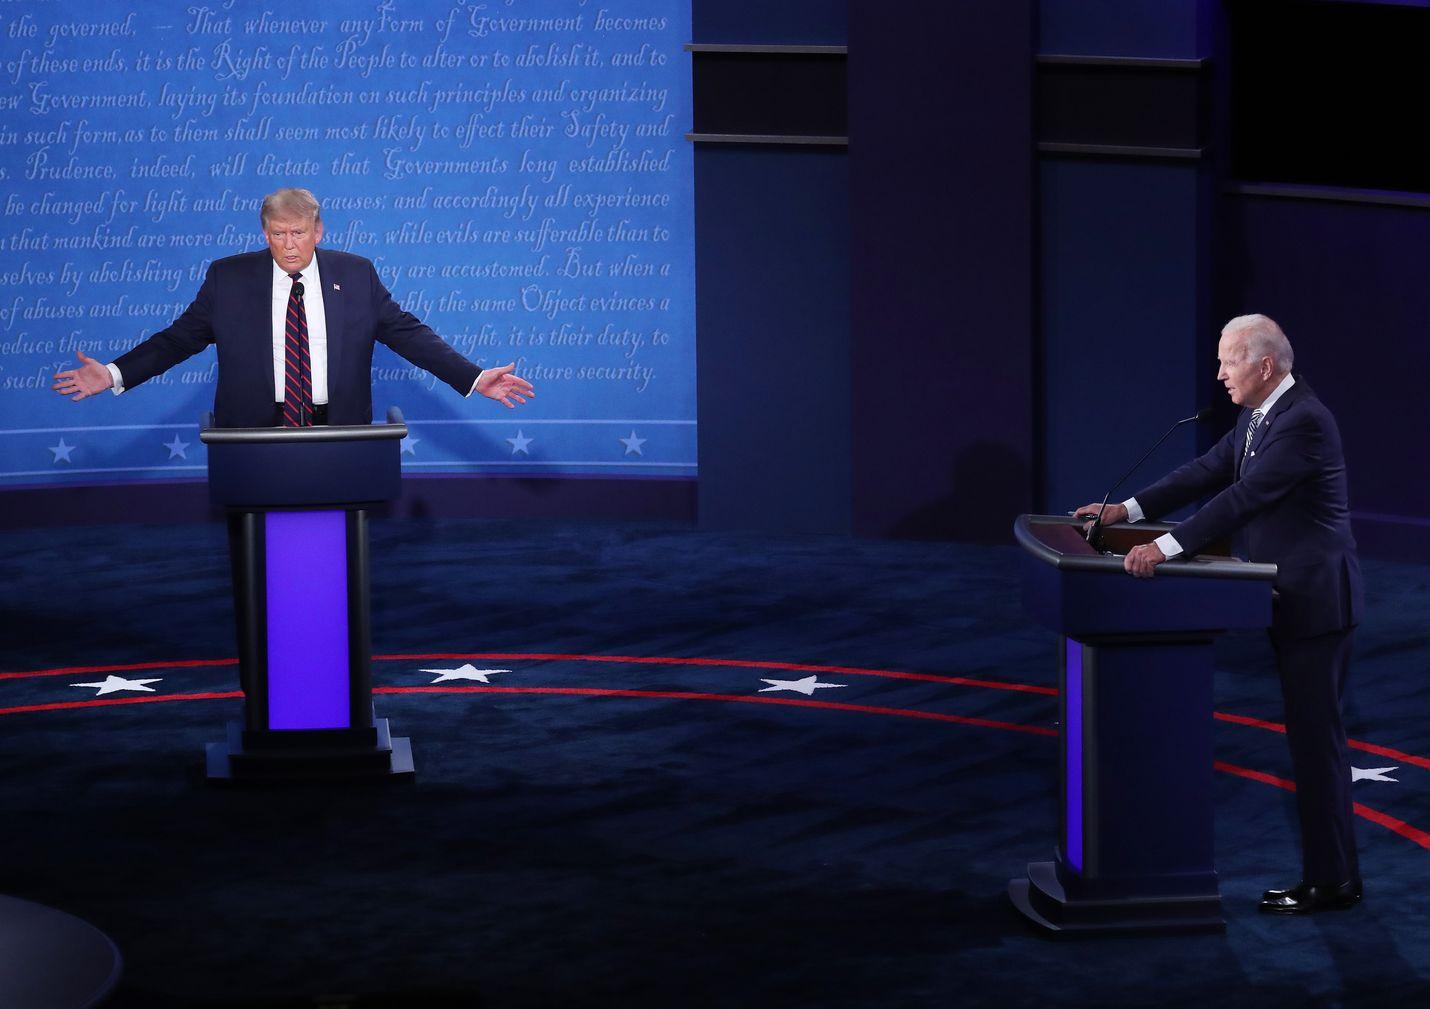 Presidentti Donald Trump (vas.) ja Joe Biden kuvattuna ensimmäisessä väittelyssä syyskuun lopulla.